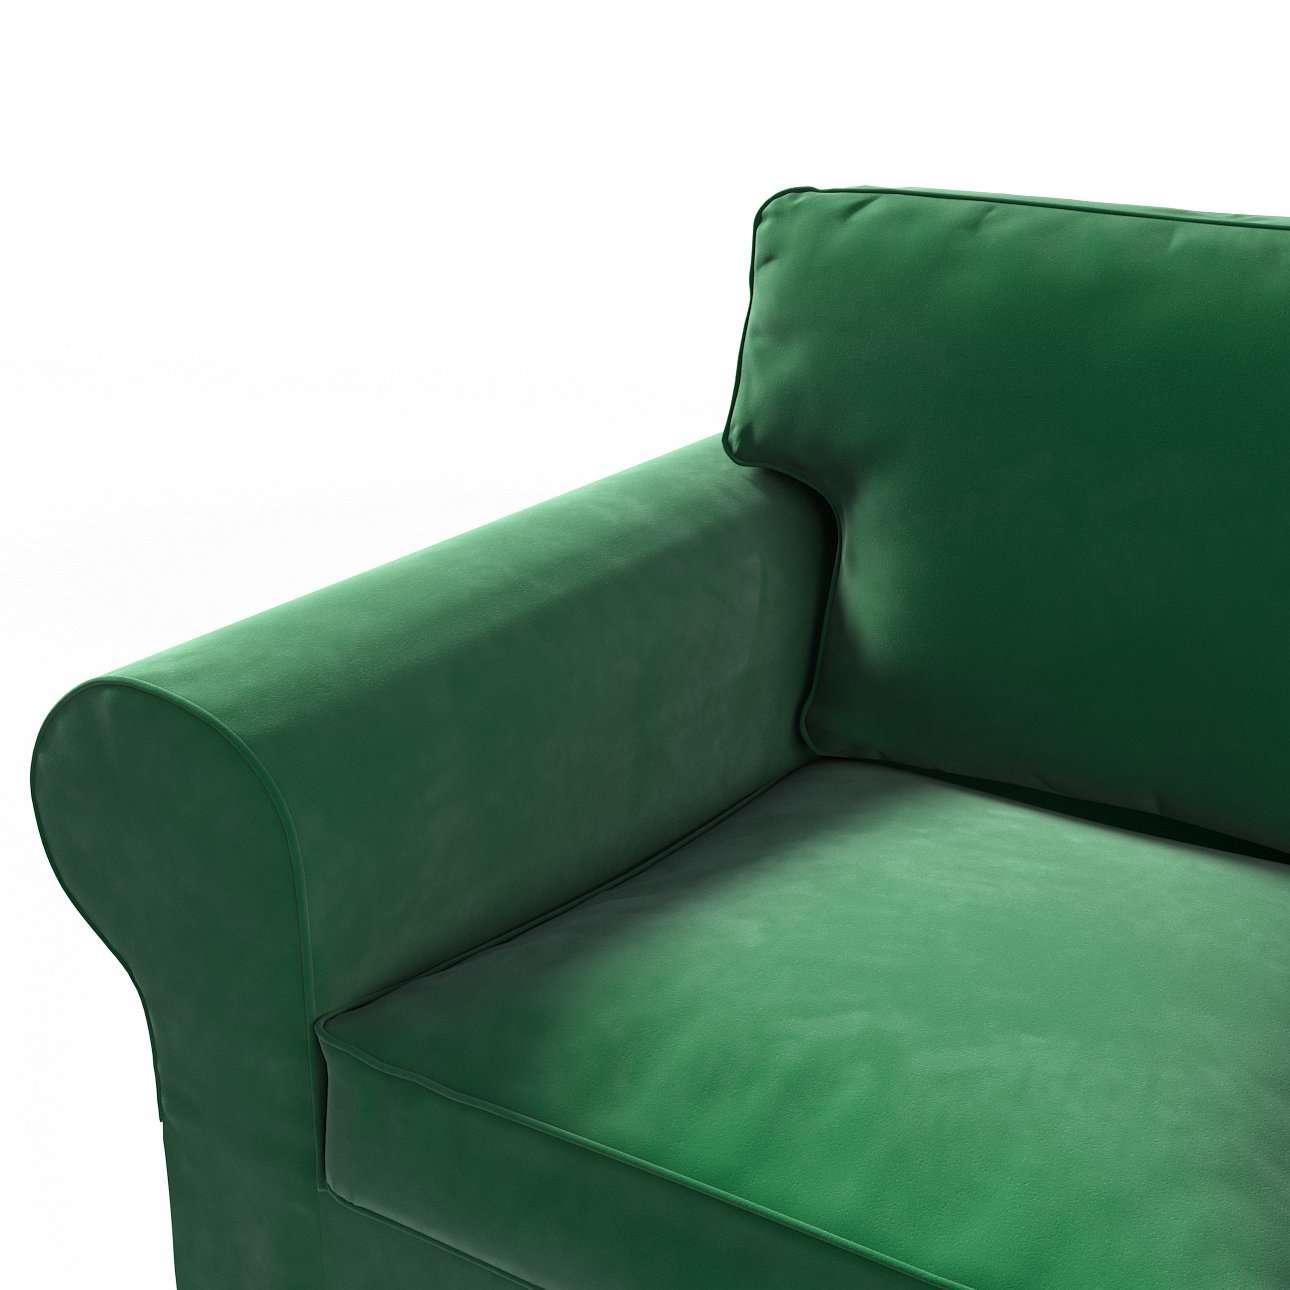 Pokrowiec na sofę Ektorp 2-osobową, rozkładaną, model do 2012 w kolekcji Velvet, tkanina: 704-13